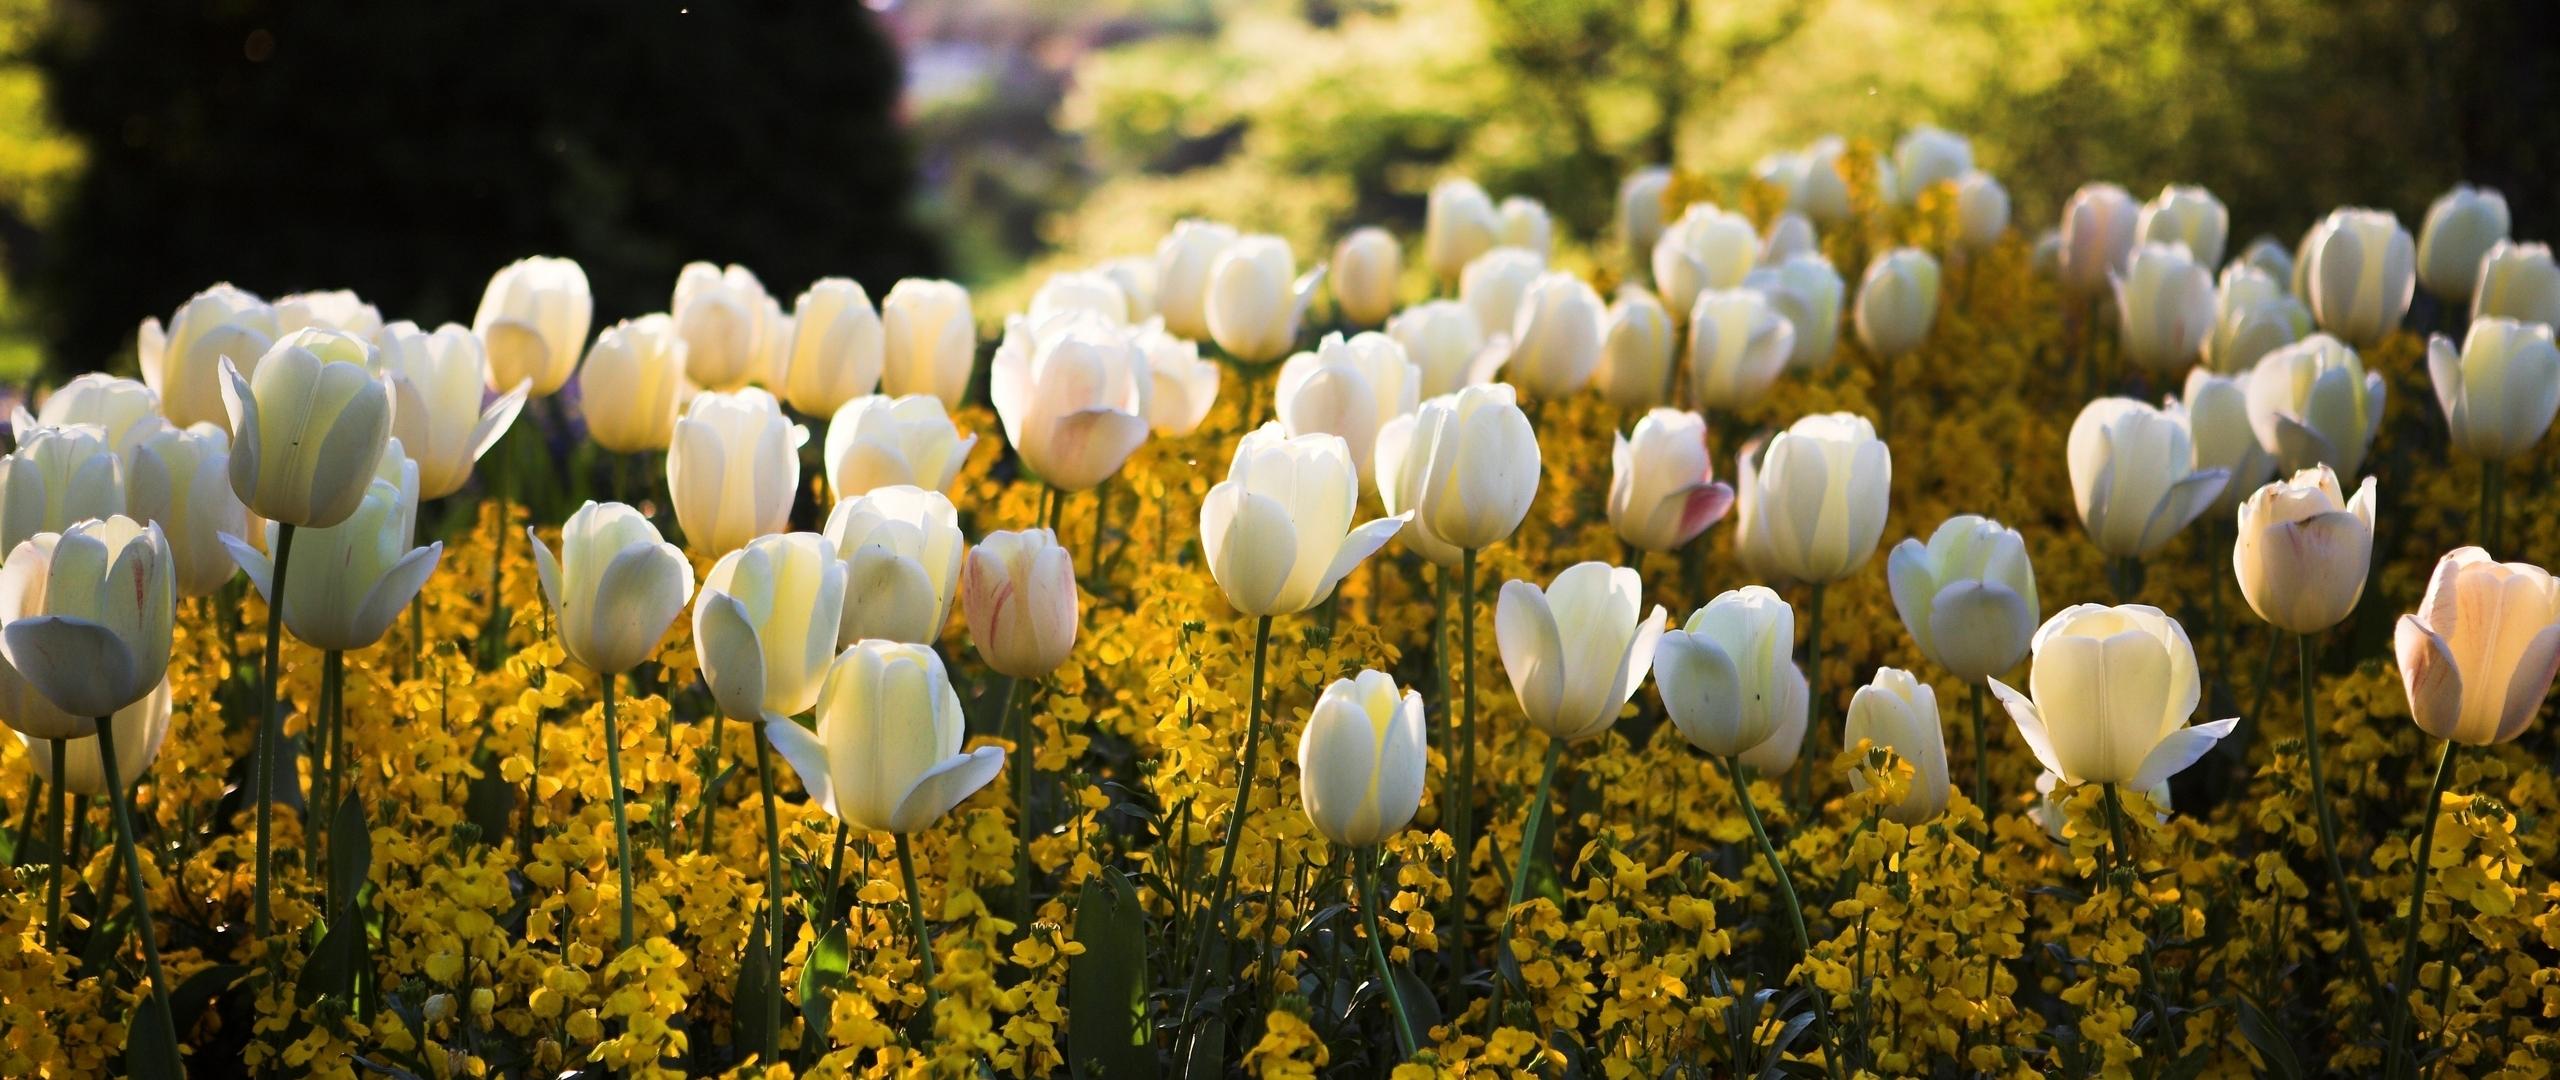 Tulips Flowers Meadow Full Hd 2k Wallpaper